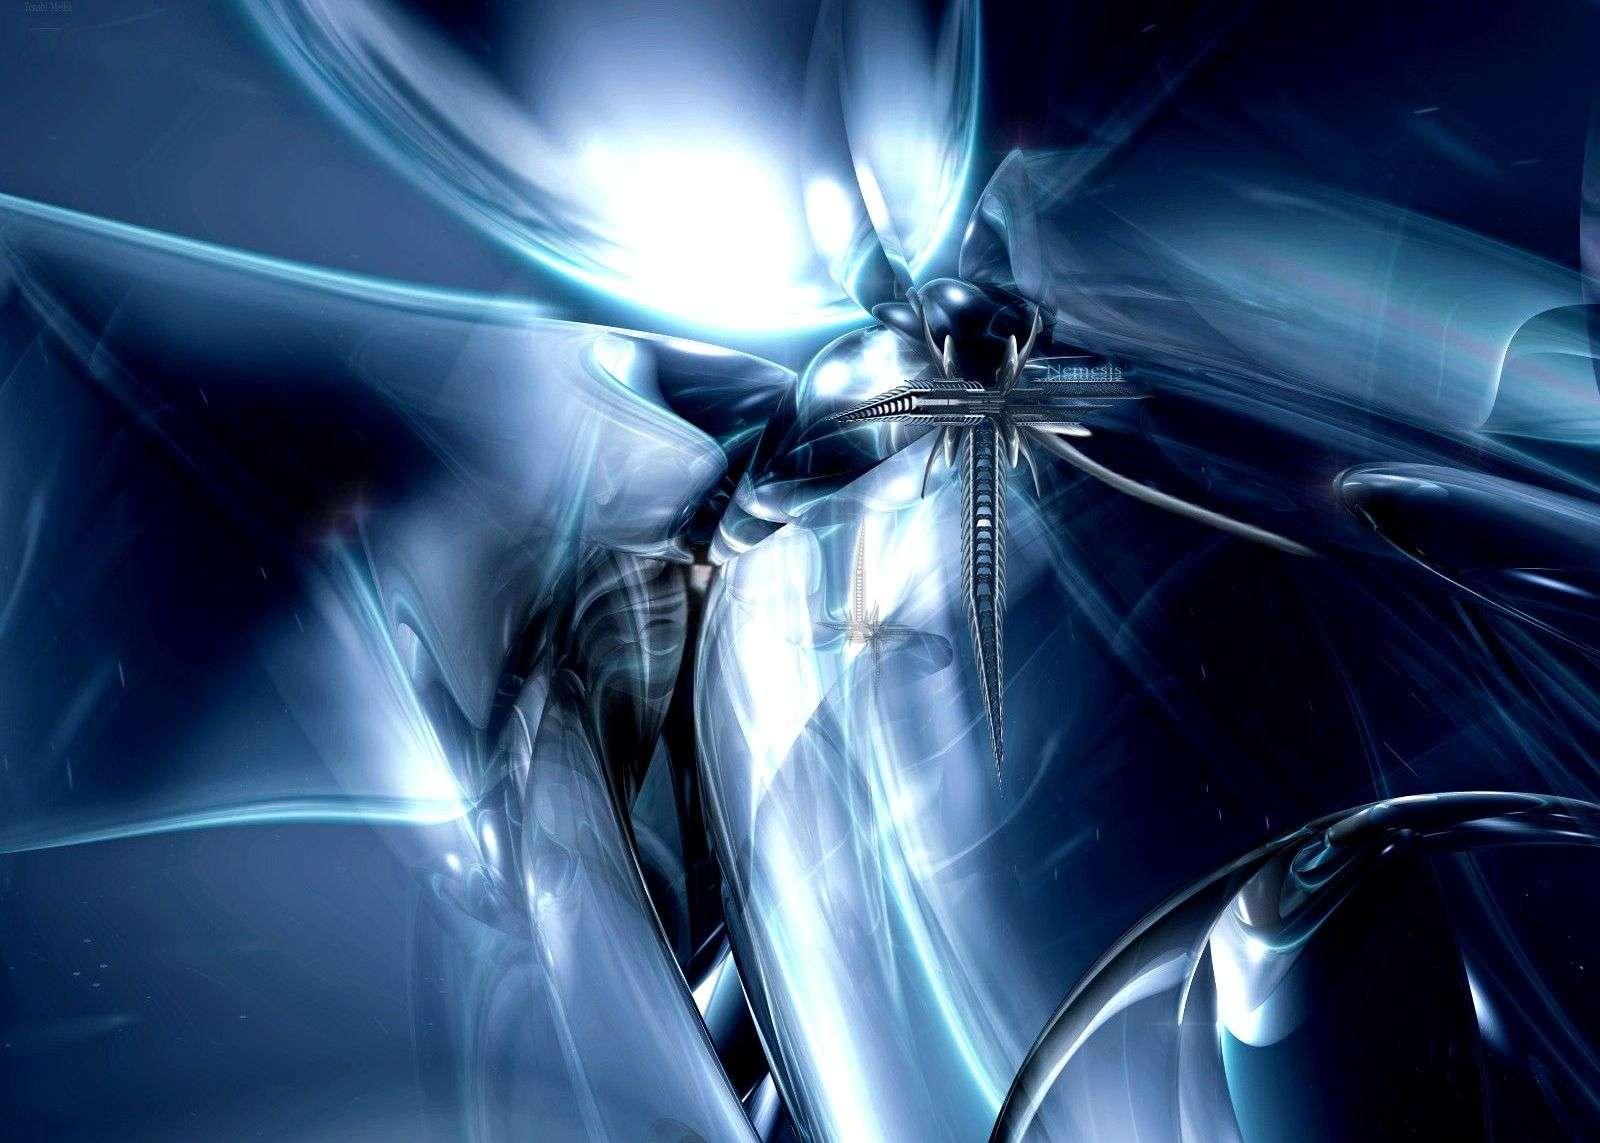 http://4.bp.blogspot.com/_AcBHAY7HSeE/S7dkgbEJe4I/AAAAAAAAALo/bJtRwxYAIIs/s1600/8424_blue_abstract_3.jpg